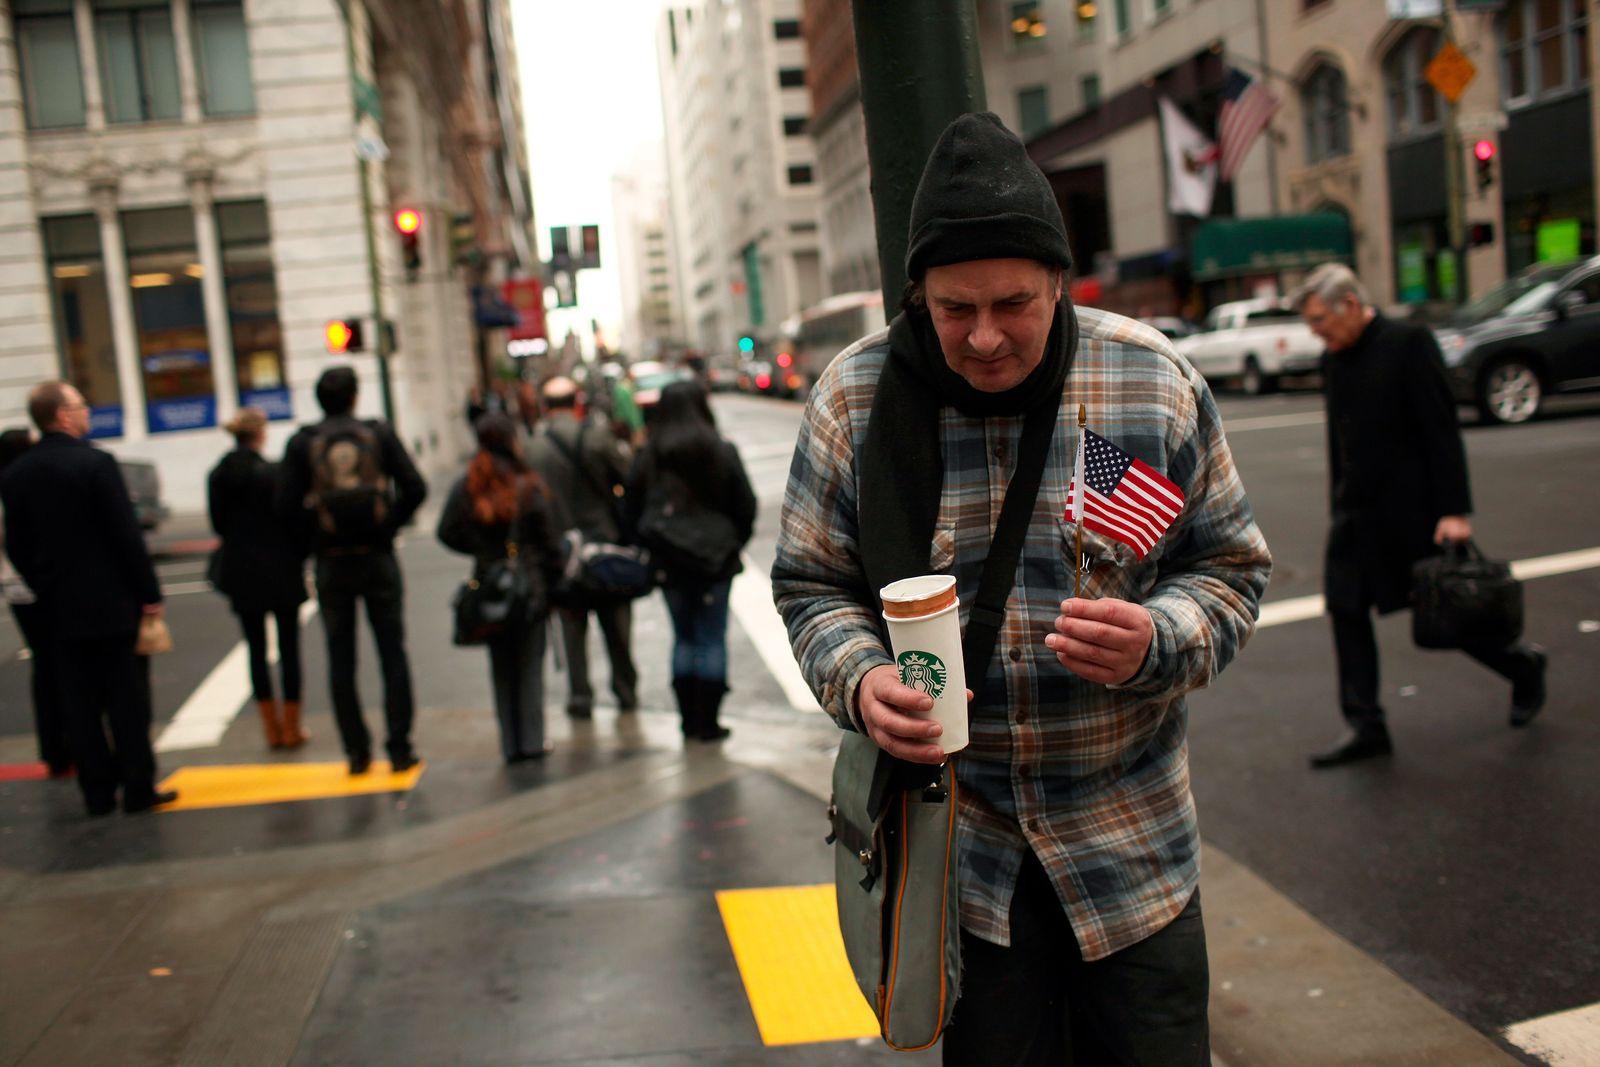 USA / Armut / Bettler